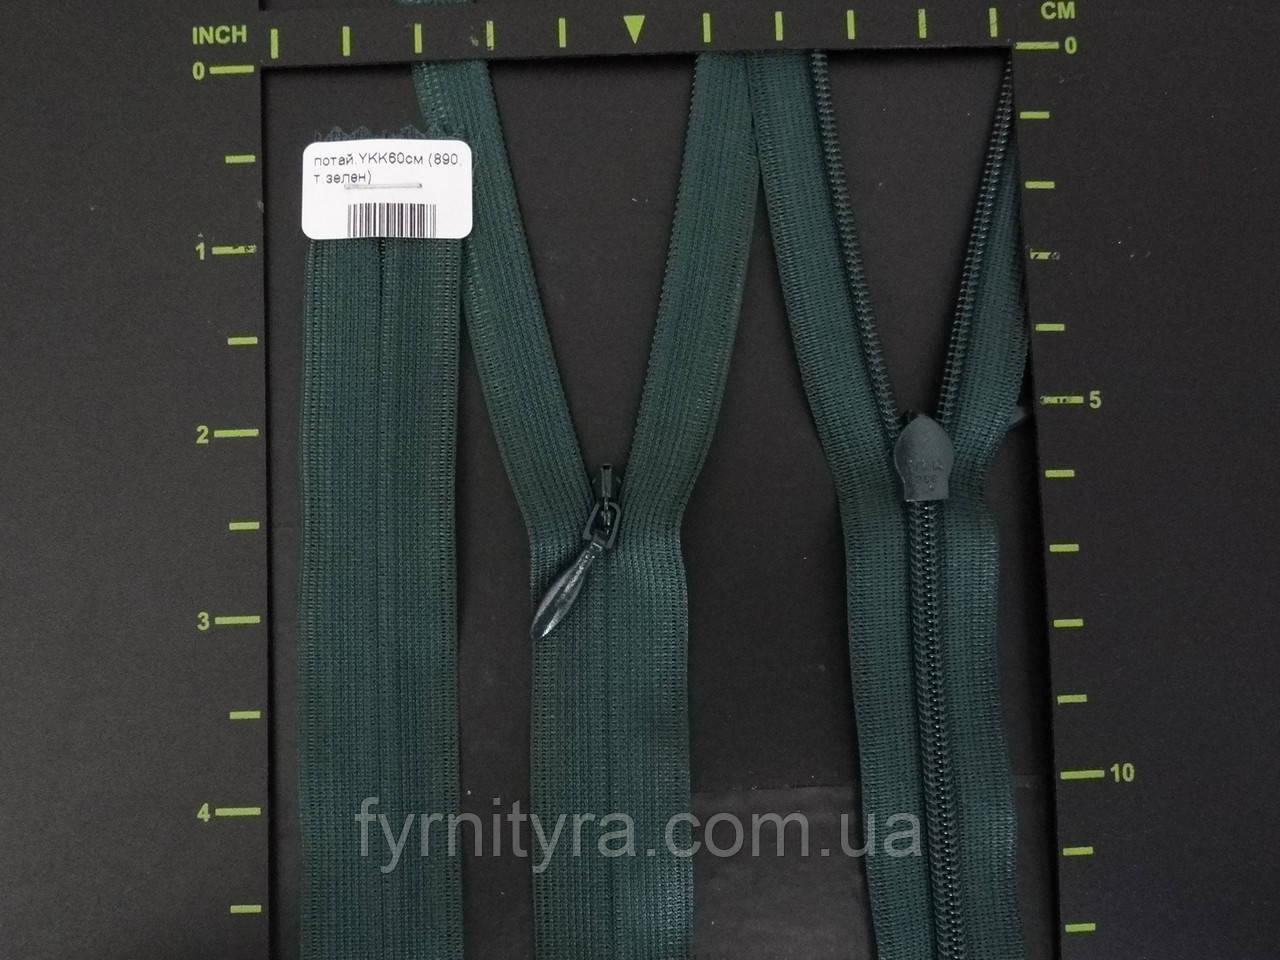 Молния потайная YKK 890 тёмно-зелёная